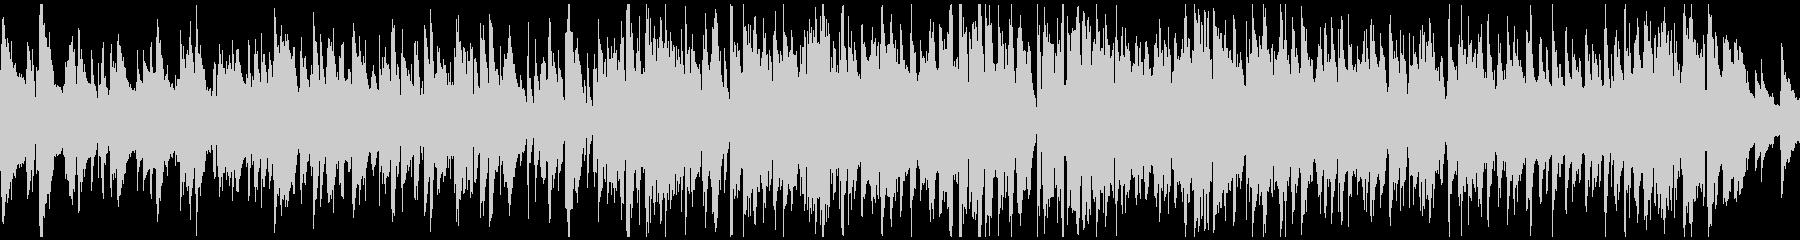 大人のジャズ・ワルツ、優雅 ※ループ版の未再生の波形